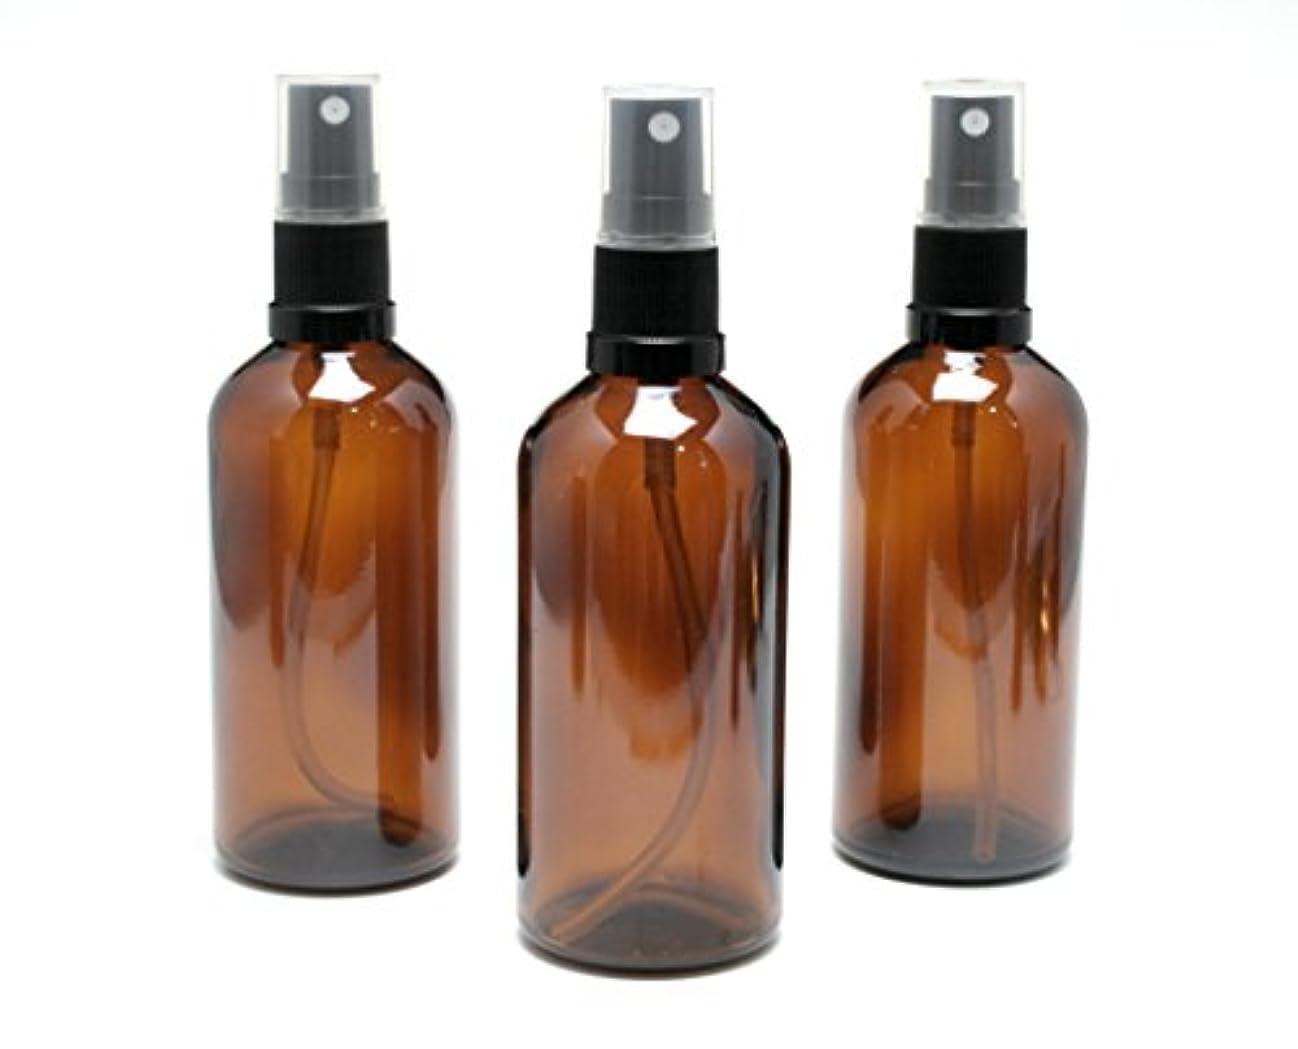 体系的に切り離す白い遮光瓶 スプレーボトル 100ml アンバー/ブラックヘッド(グラス/アトマイザー) 【新品アウトレット商品 】 (1) 3本セット)